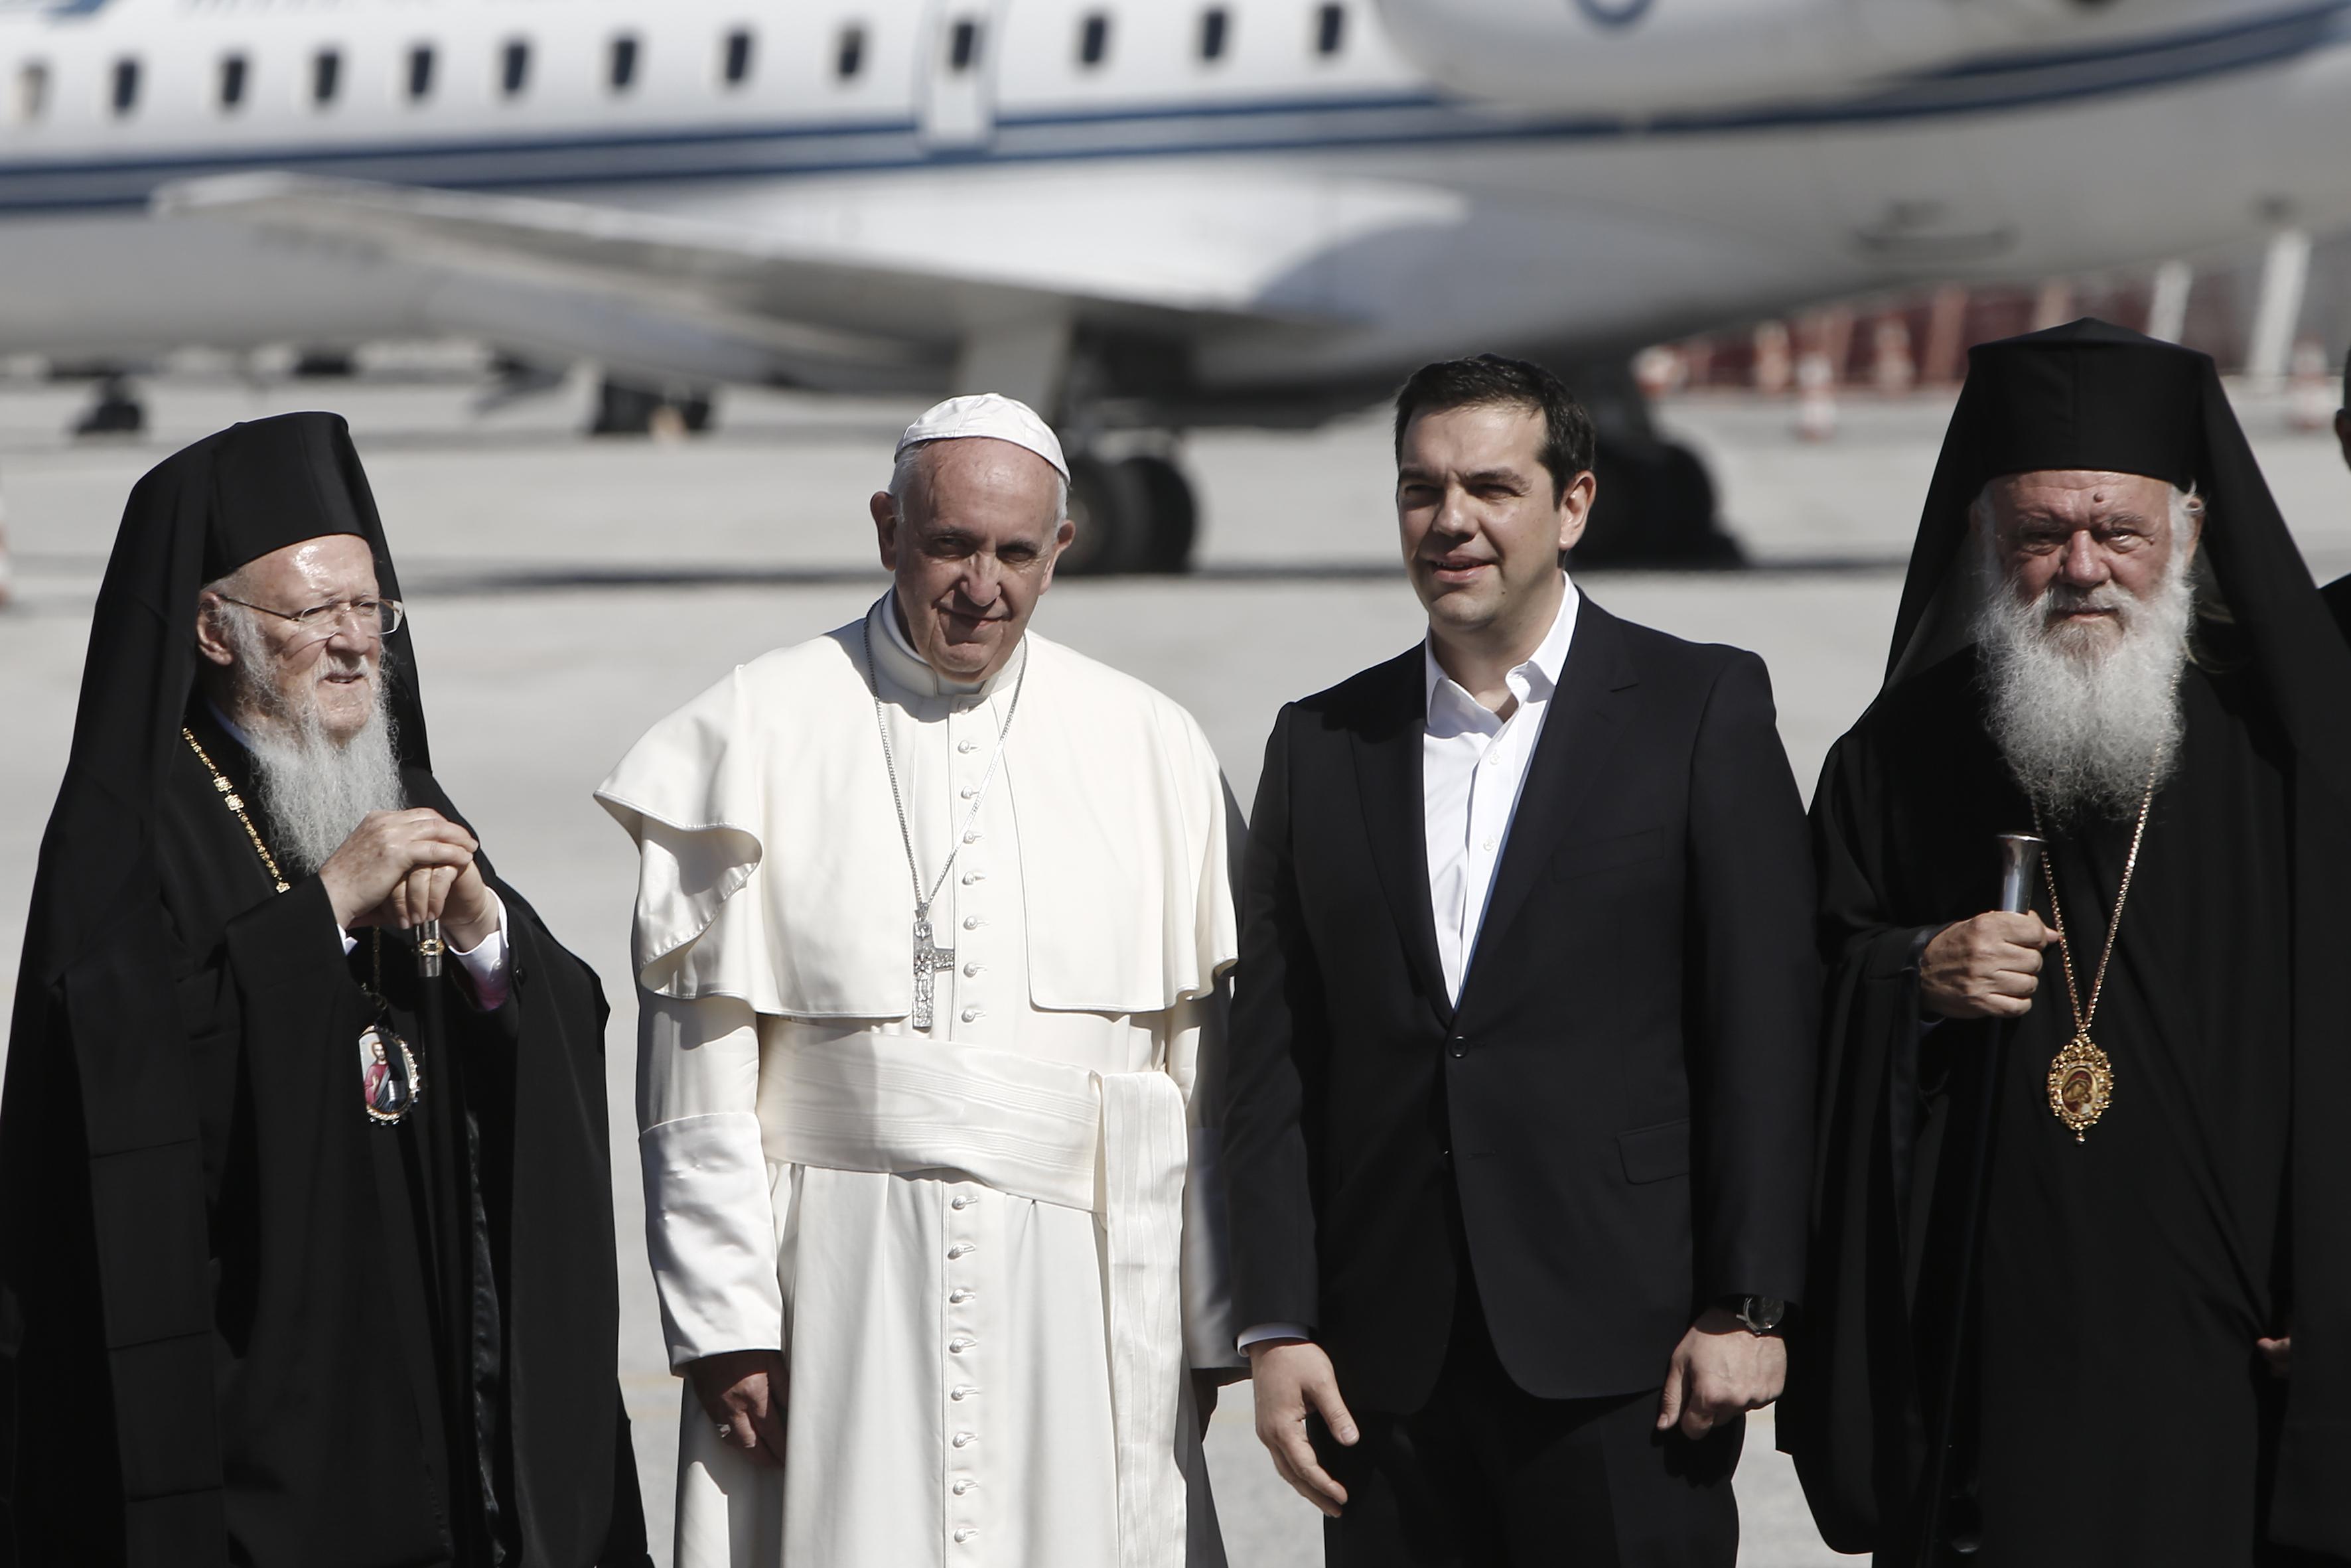 Βαρθολομαίος: Με τον Πάπα ναί,Με τον Κύριλλο όχι